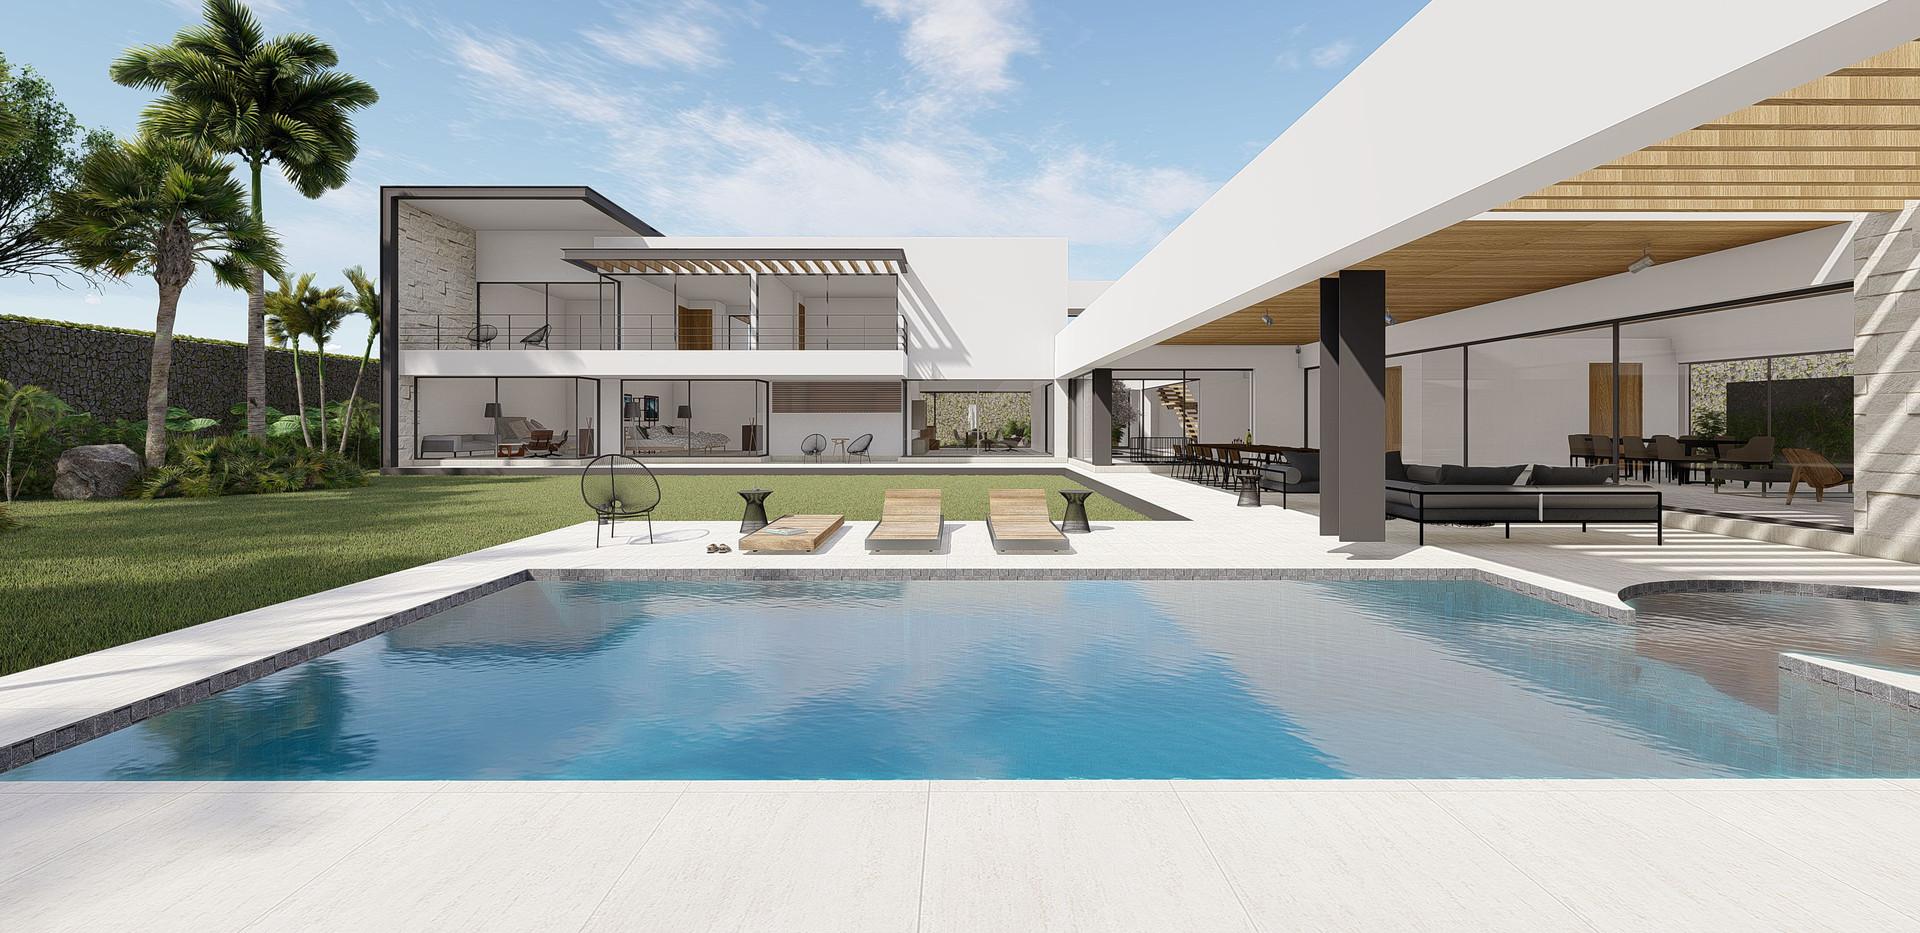 casa cuerna renders_Photo - 2.jpg